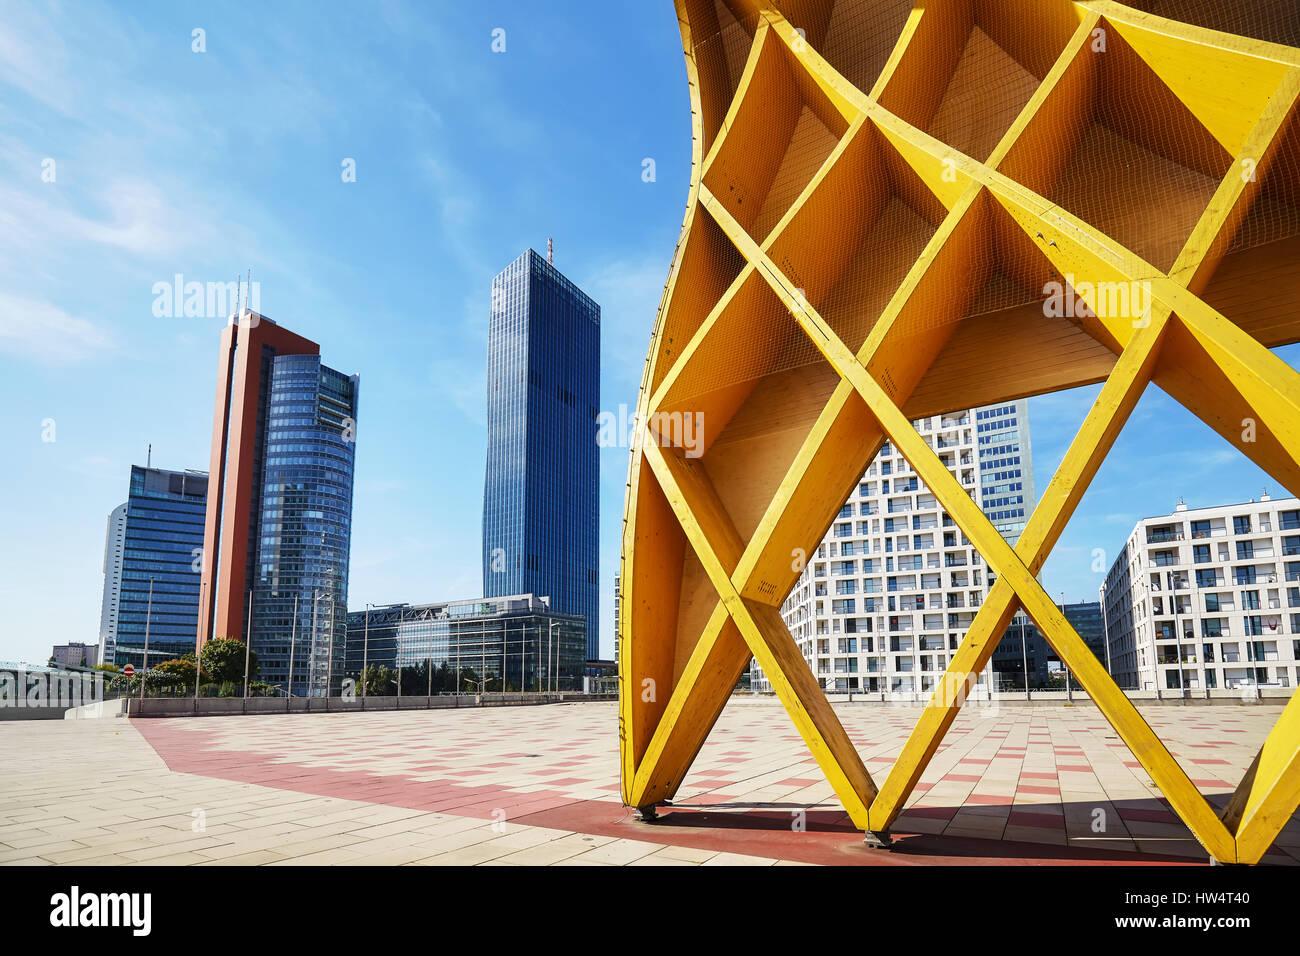 Vienna moderne Architektur in der UNO City Komplex, Österreich. Stockfoto